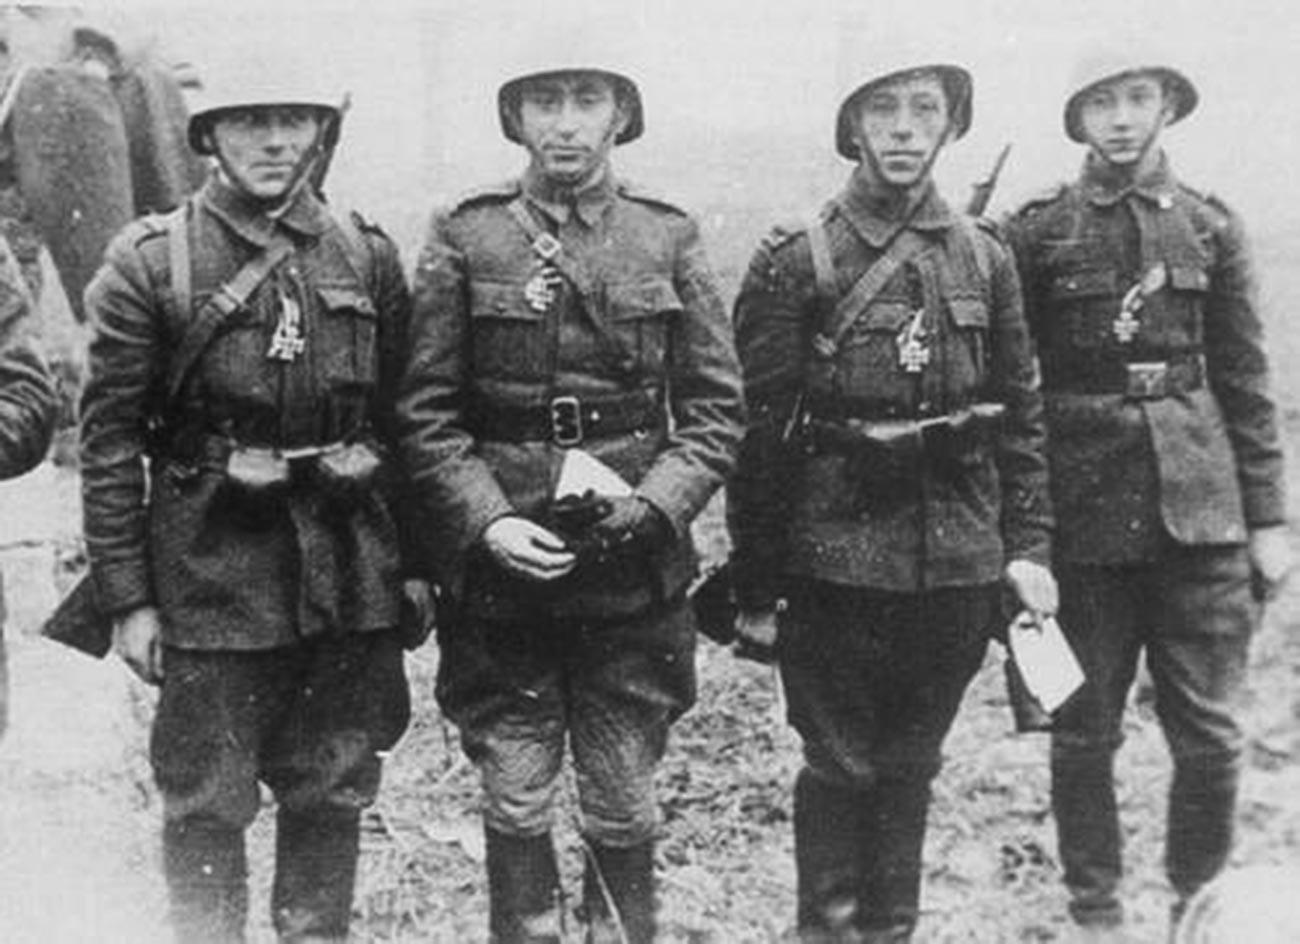 Крим. Коњица на 8 бригада, одликувана на 7 јануари 1942 година со железни крстови за уништување на советскиот десант.